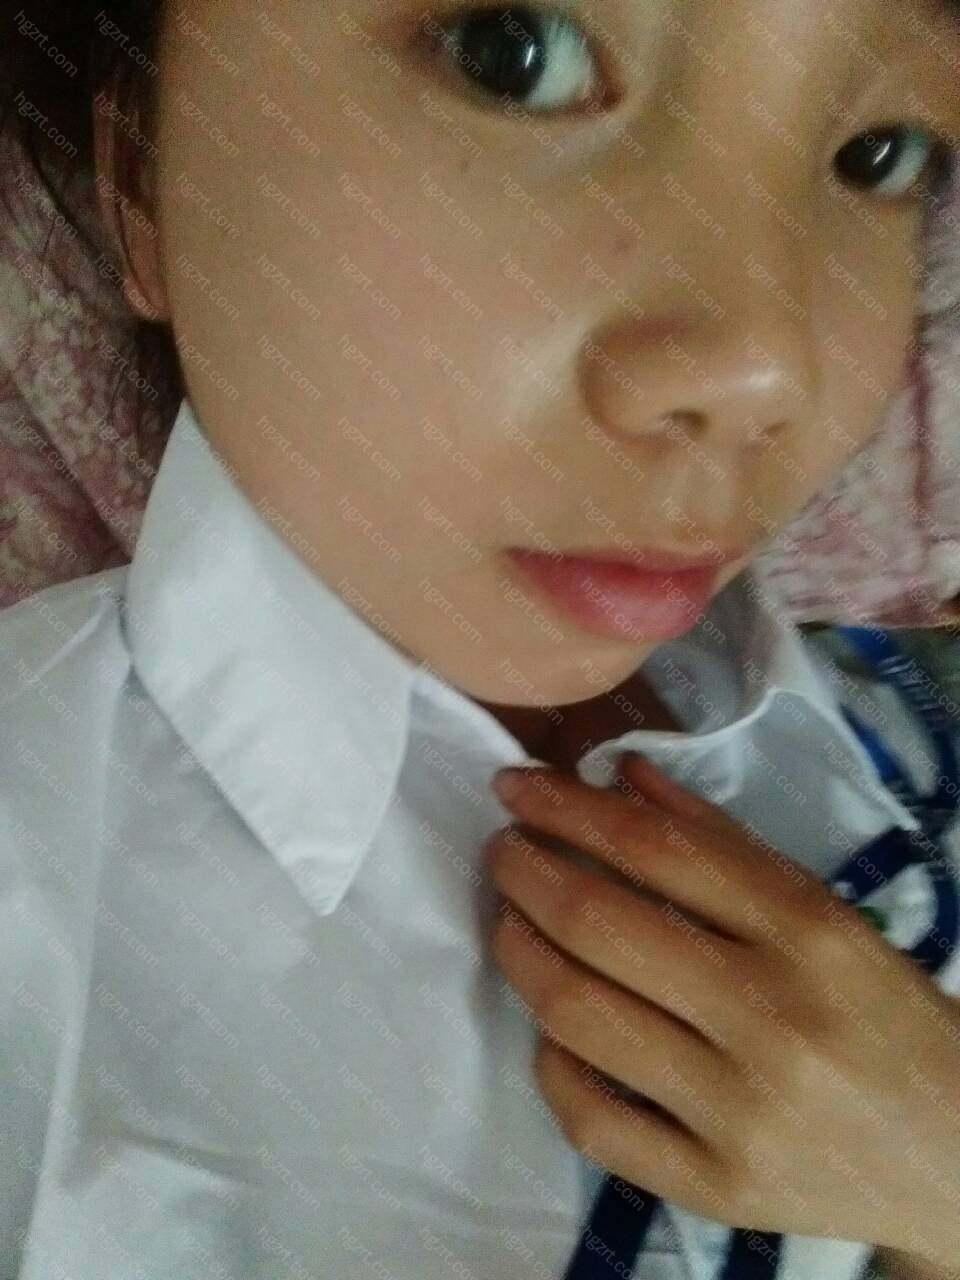 鼻唇颏的协调关系是面部侧貌美学的主要特征